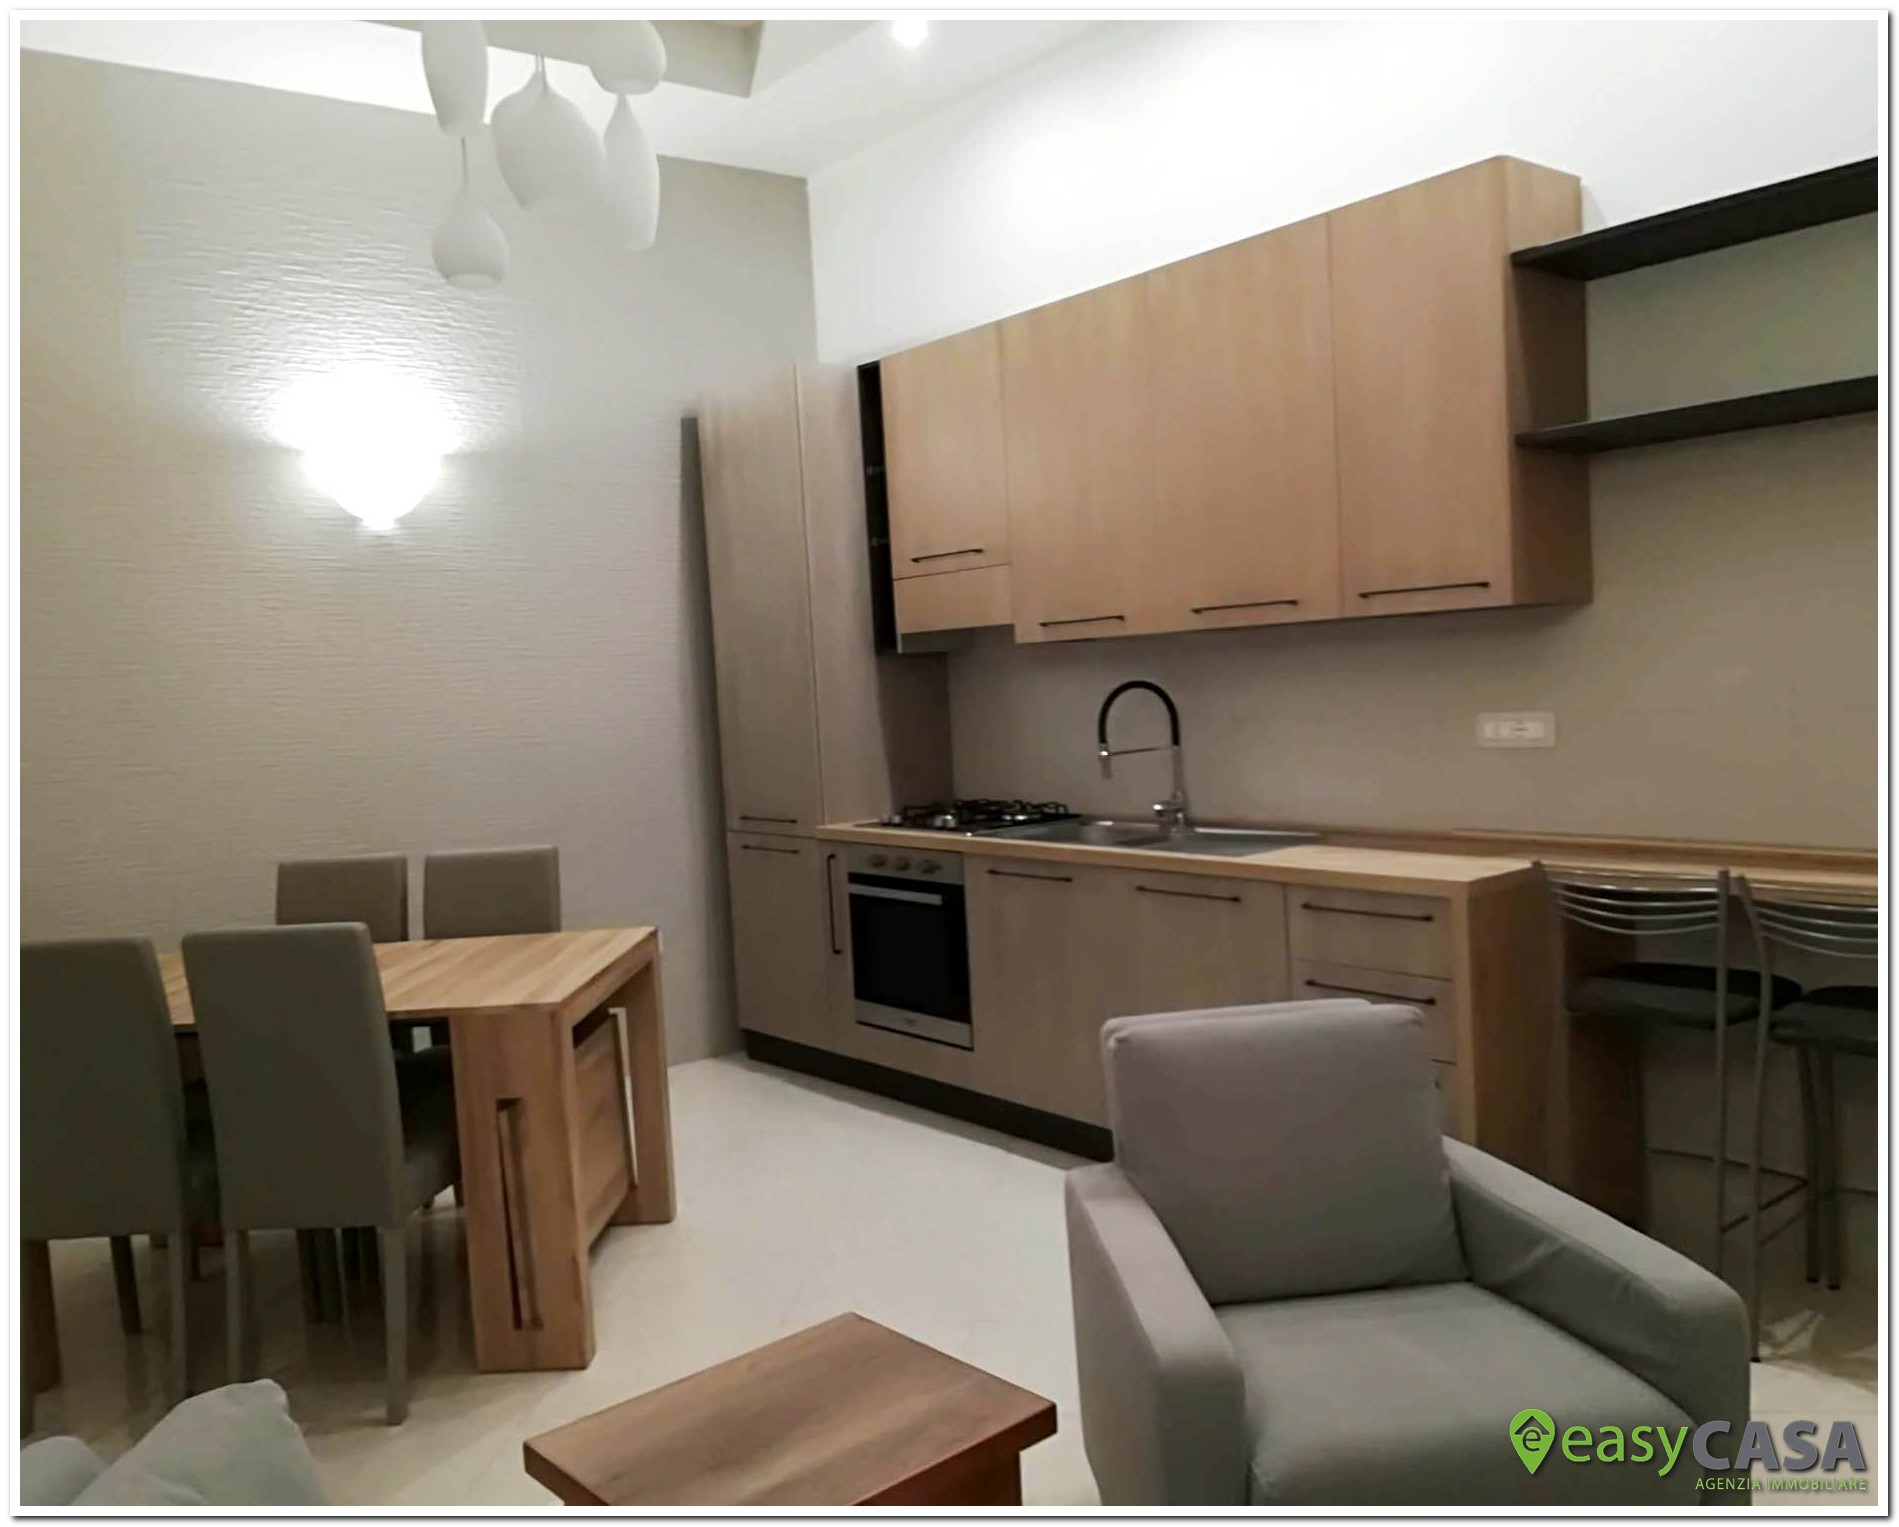 Appartamento arredato a Battipaglia (SA)